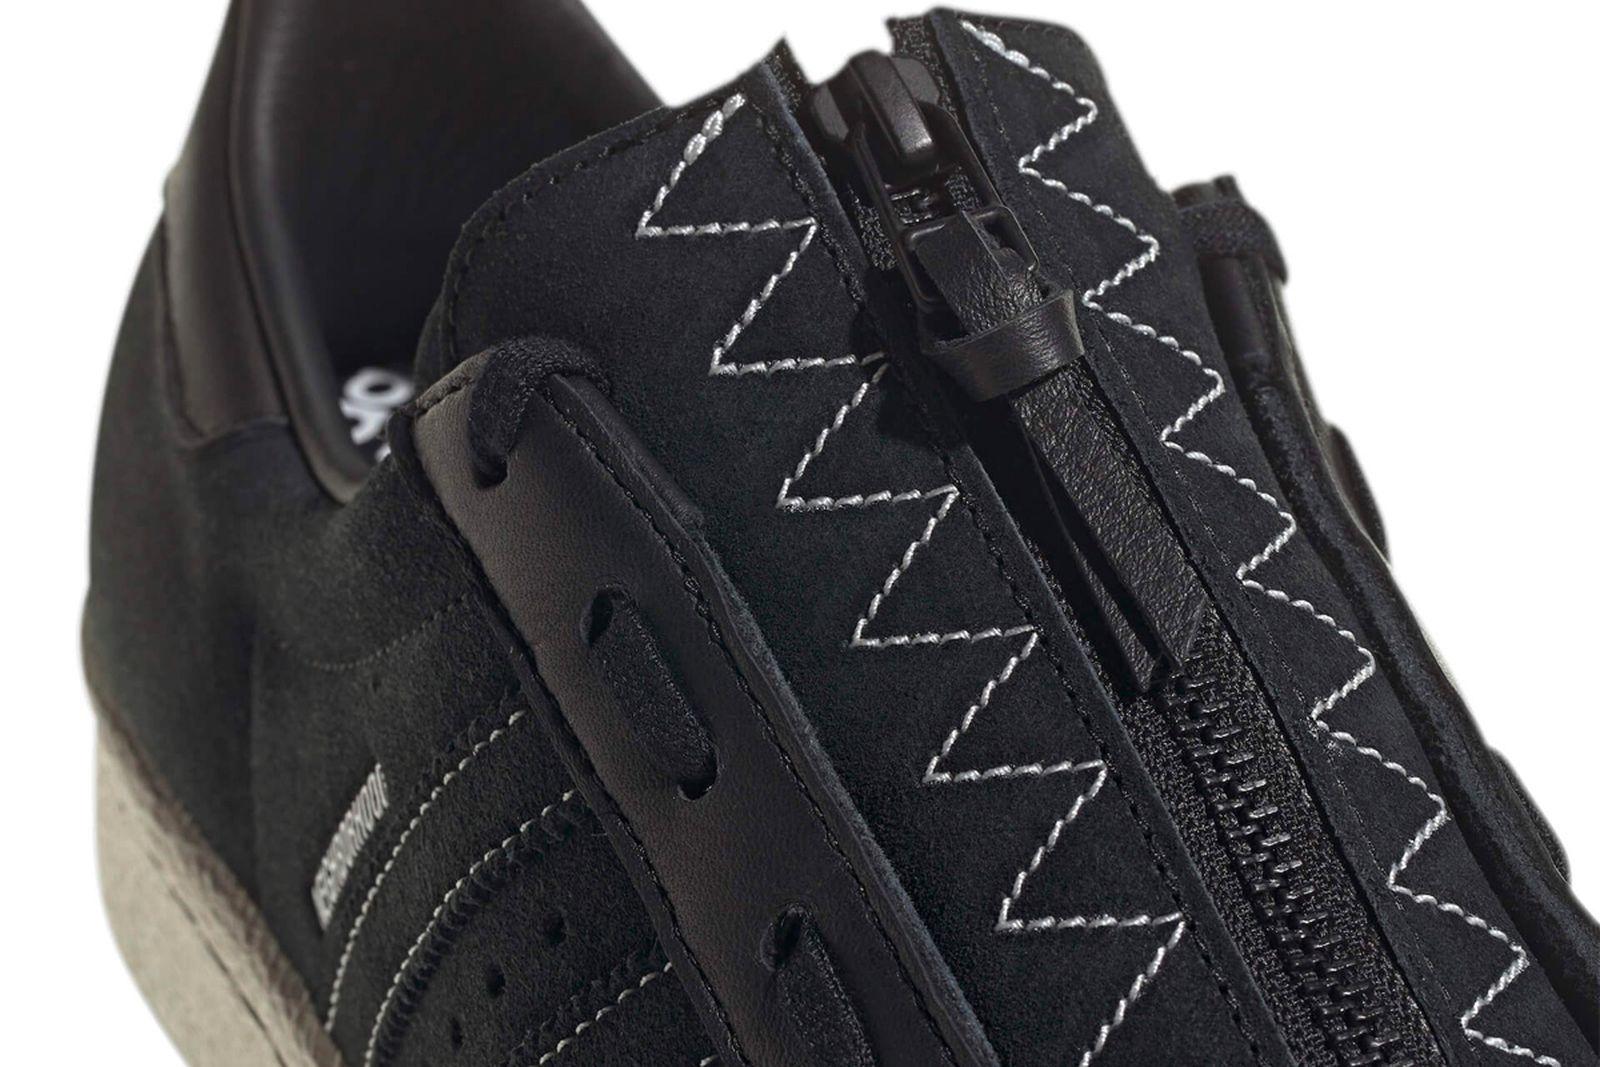 neighborhood-adidas-originals-superstar-80s-release-info-03